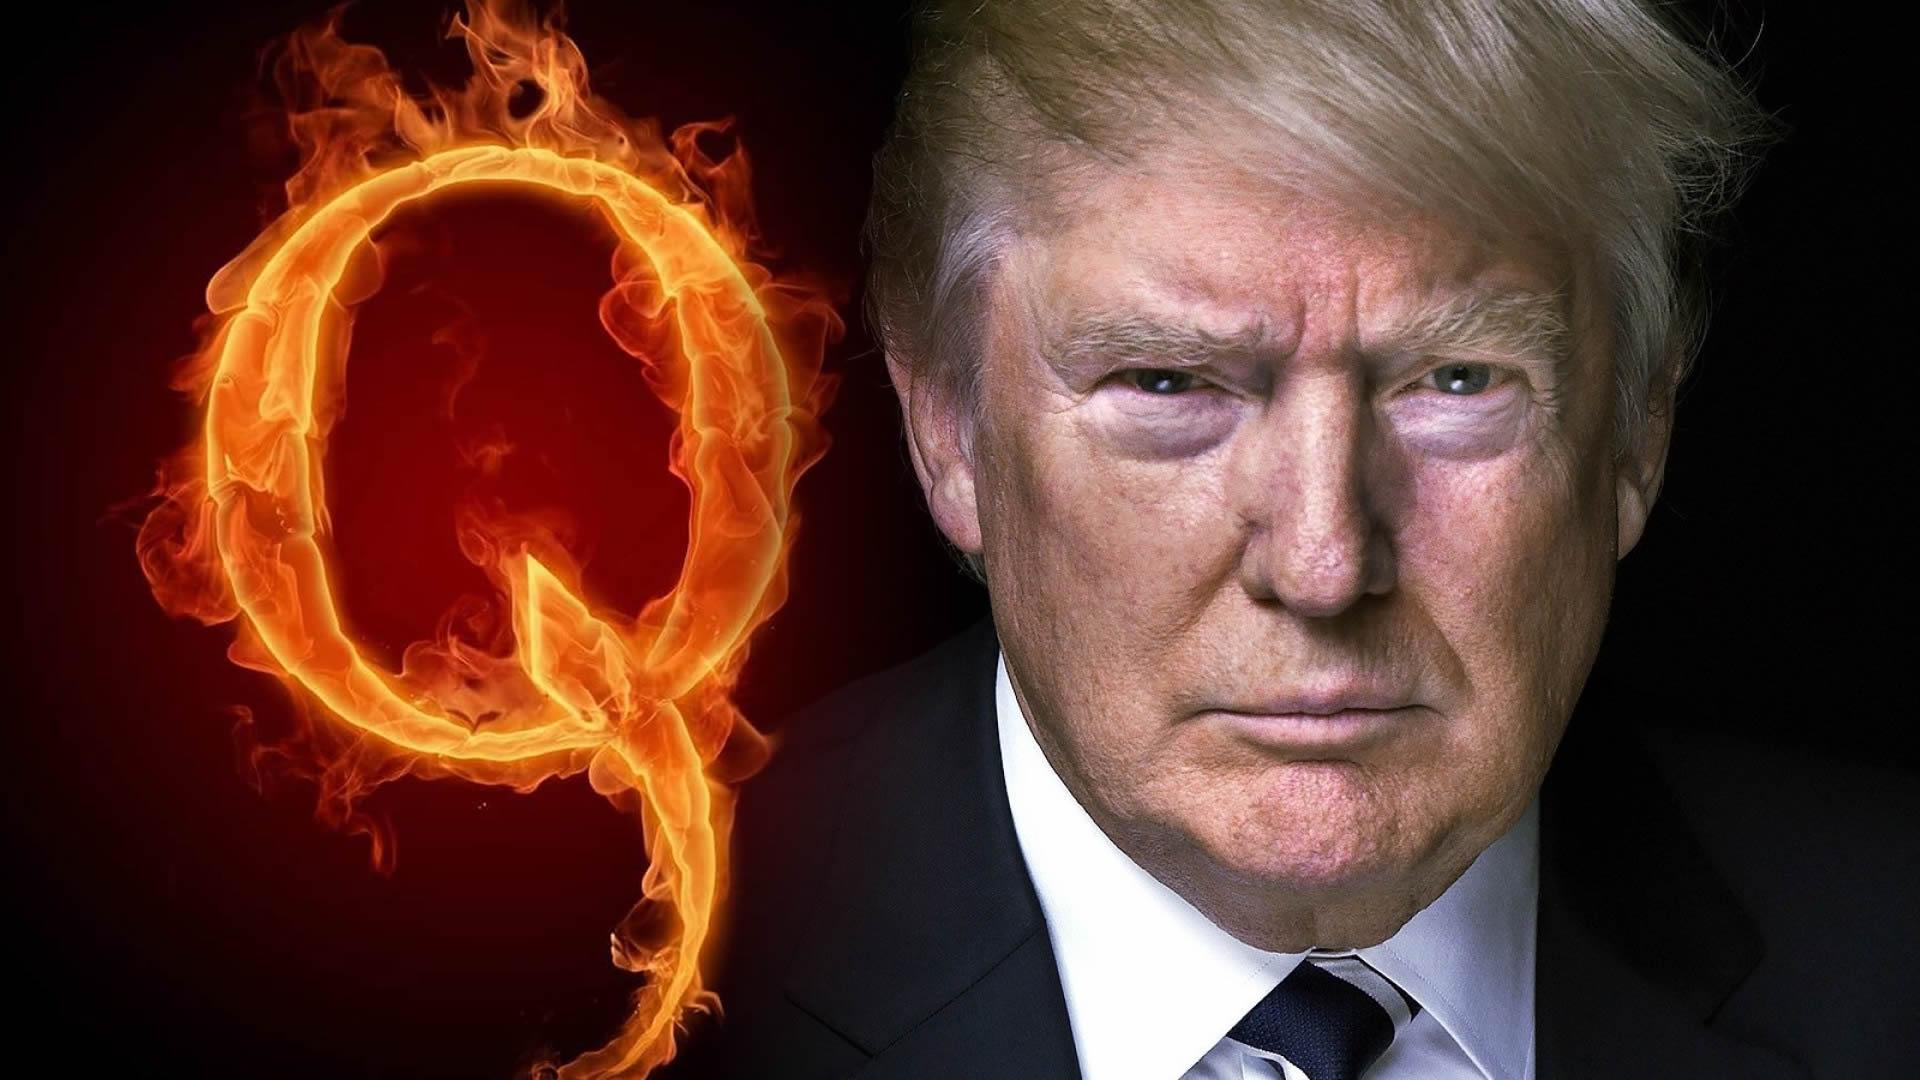 Fenómeno QAnon: ¿luchando contra una élite global «corrupta» o un peligroso «movimiento»?